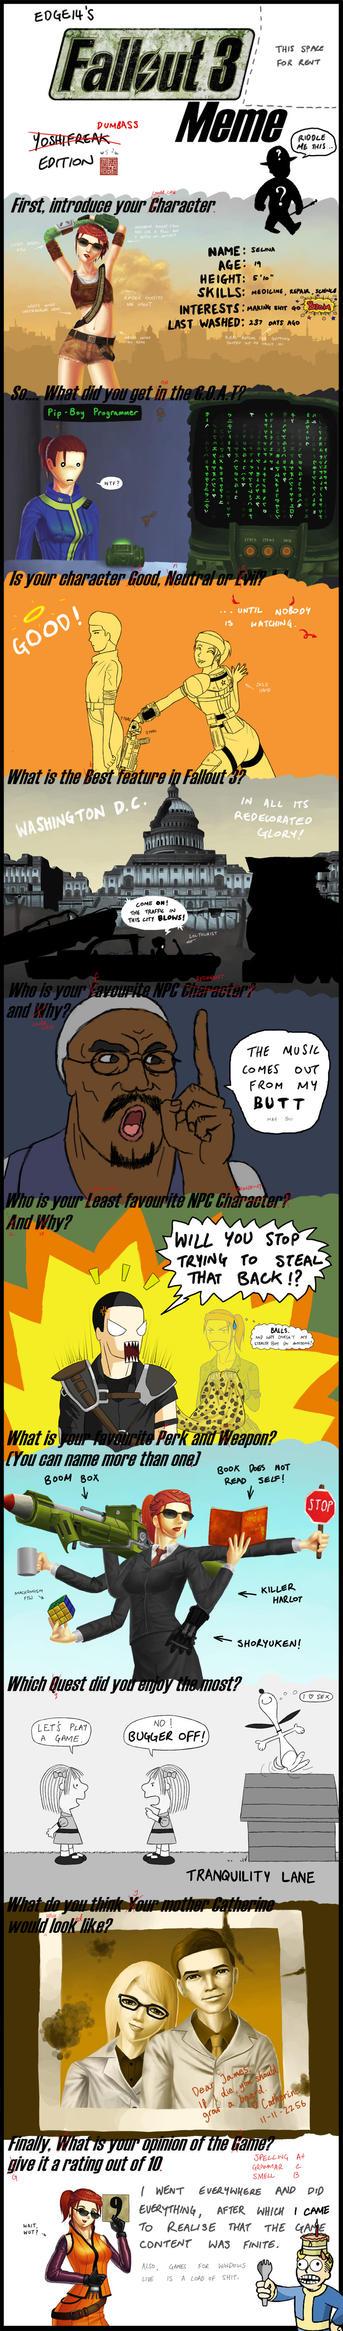 Fallout 3 Meme by yoshifreak